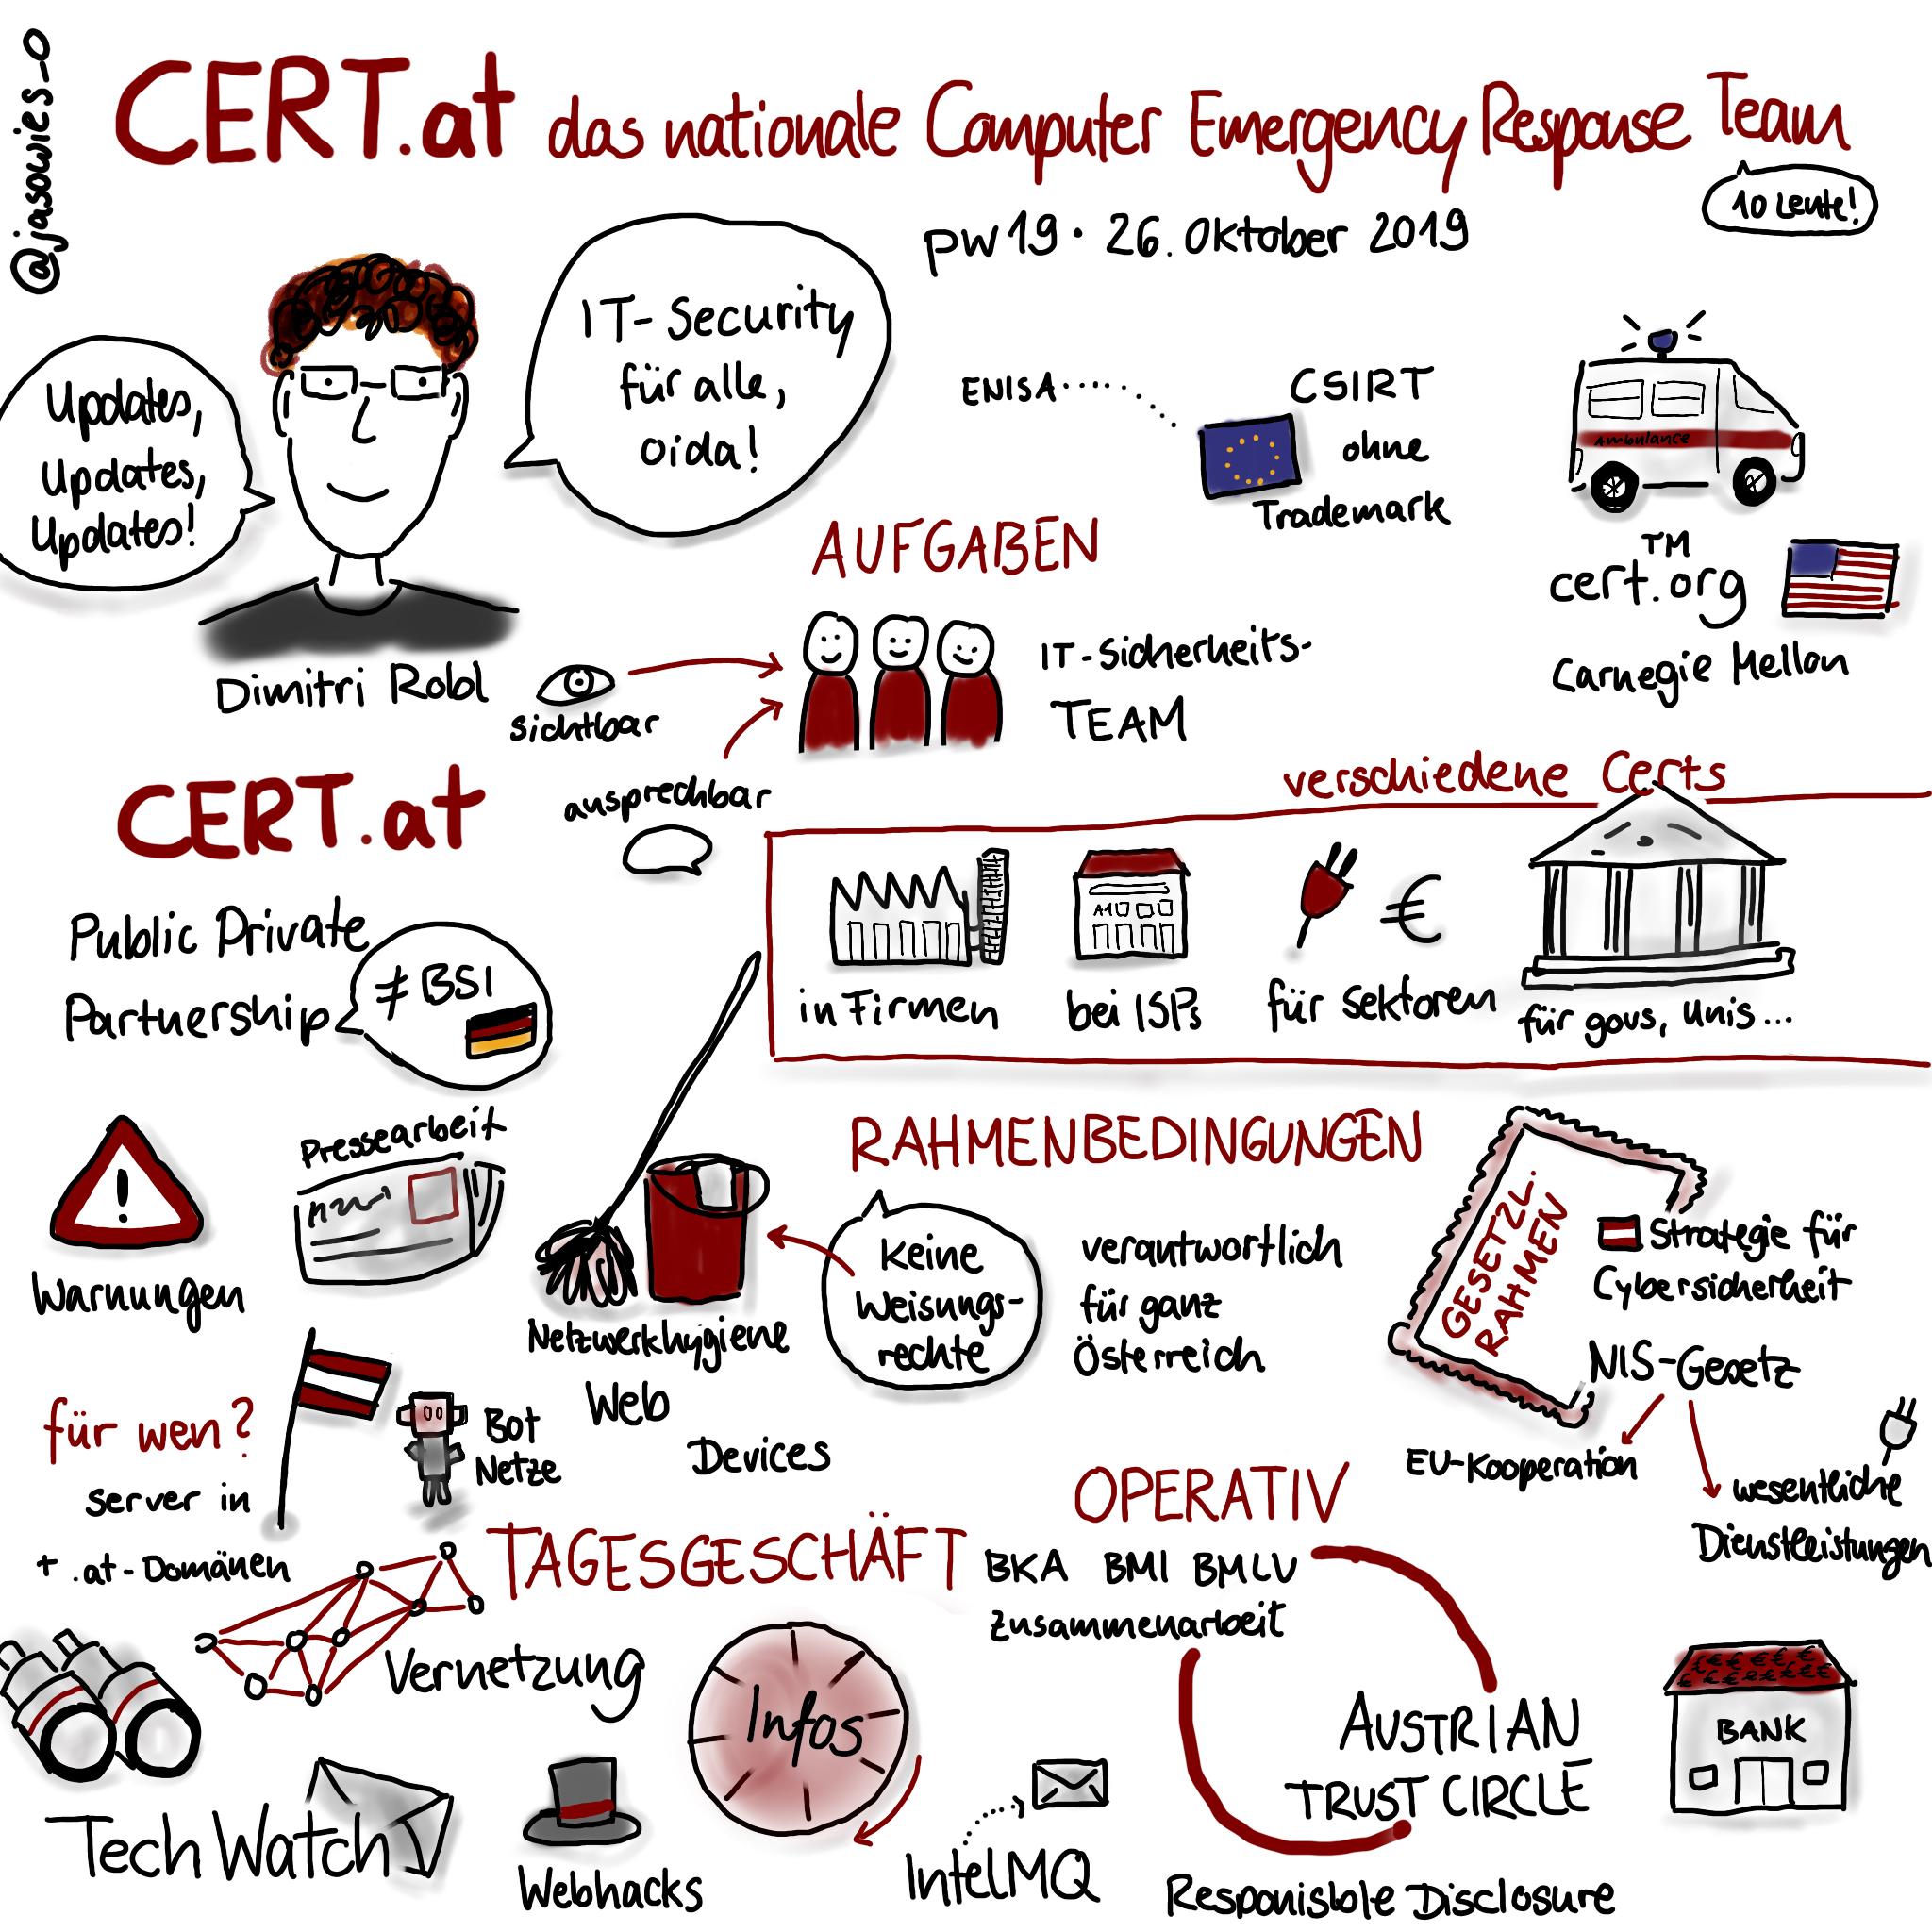 Sketchnotes zu einem Vortrag über CERT.at bei der PrivacyWeek 2019